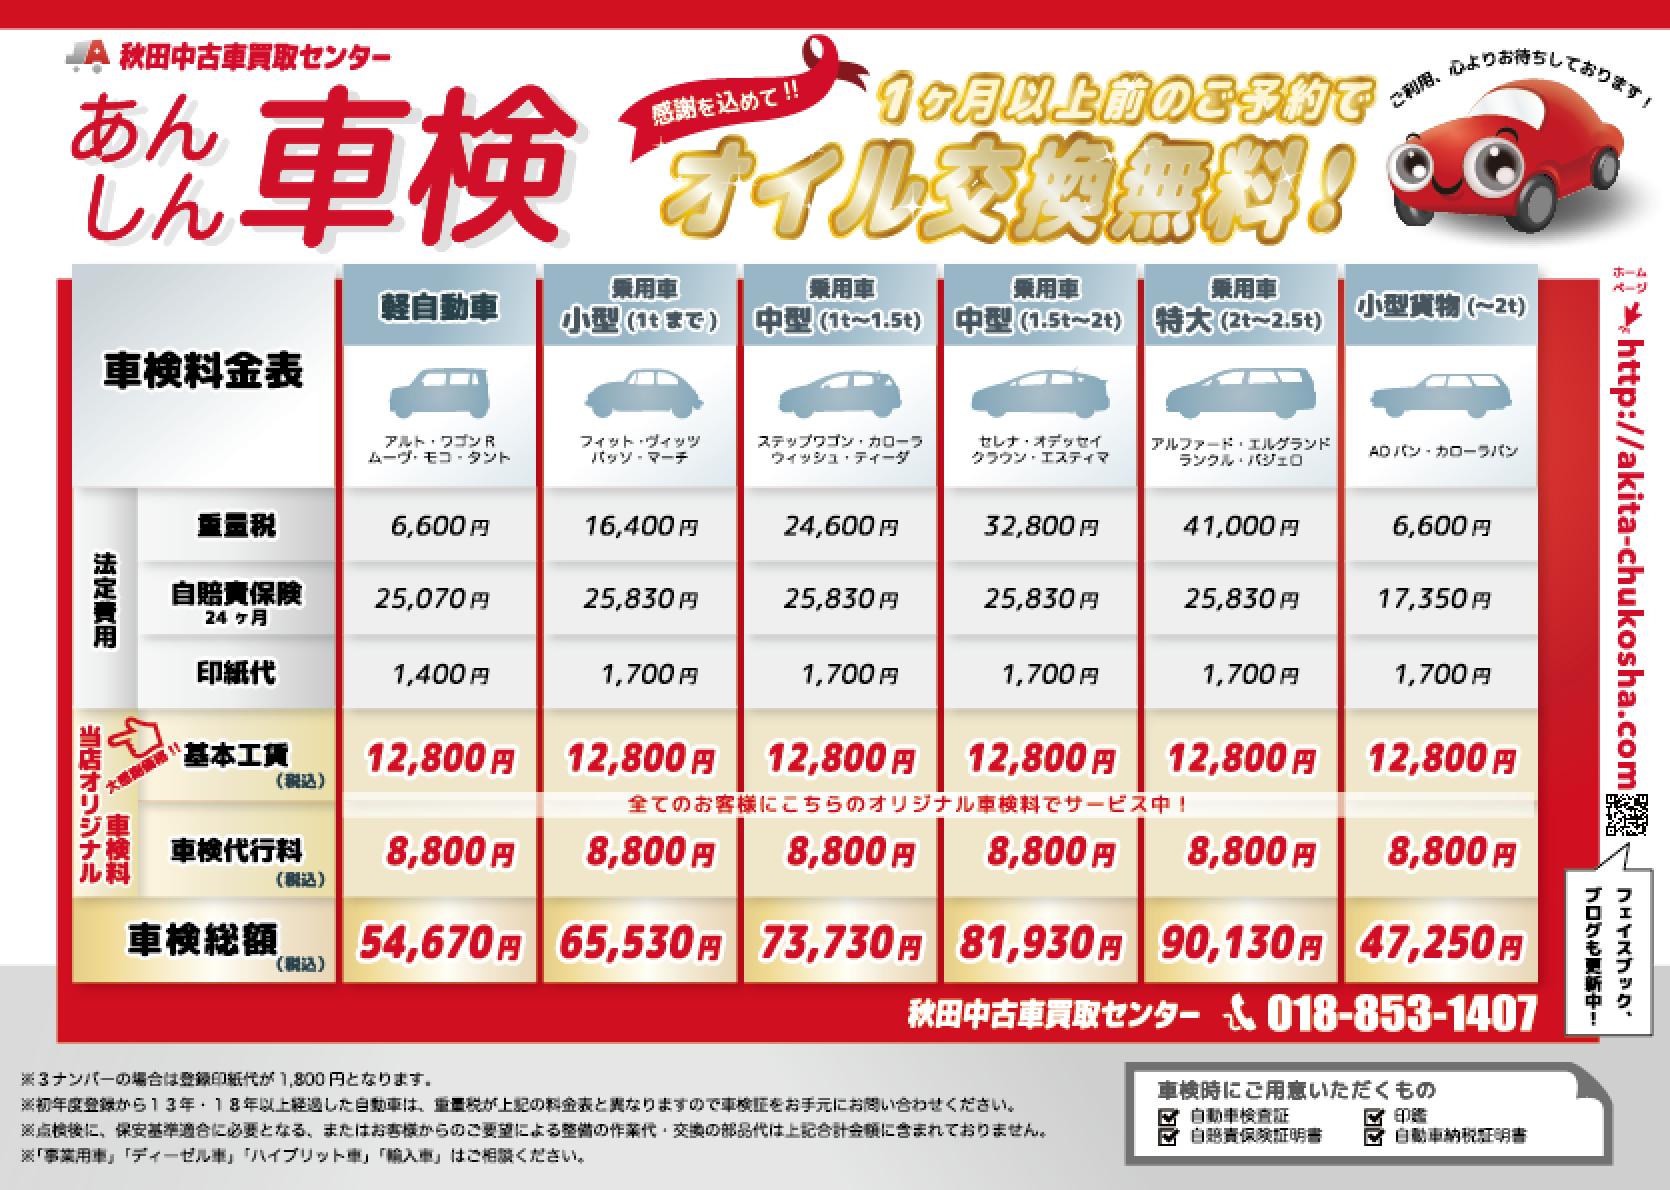 画像:秋田中古車買取センターオリジナル車検表